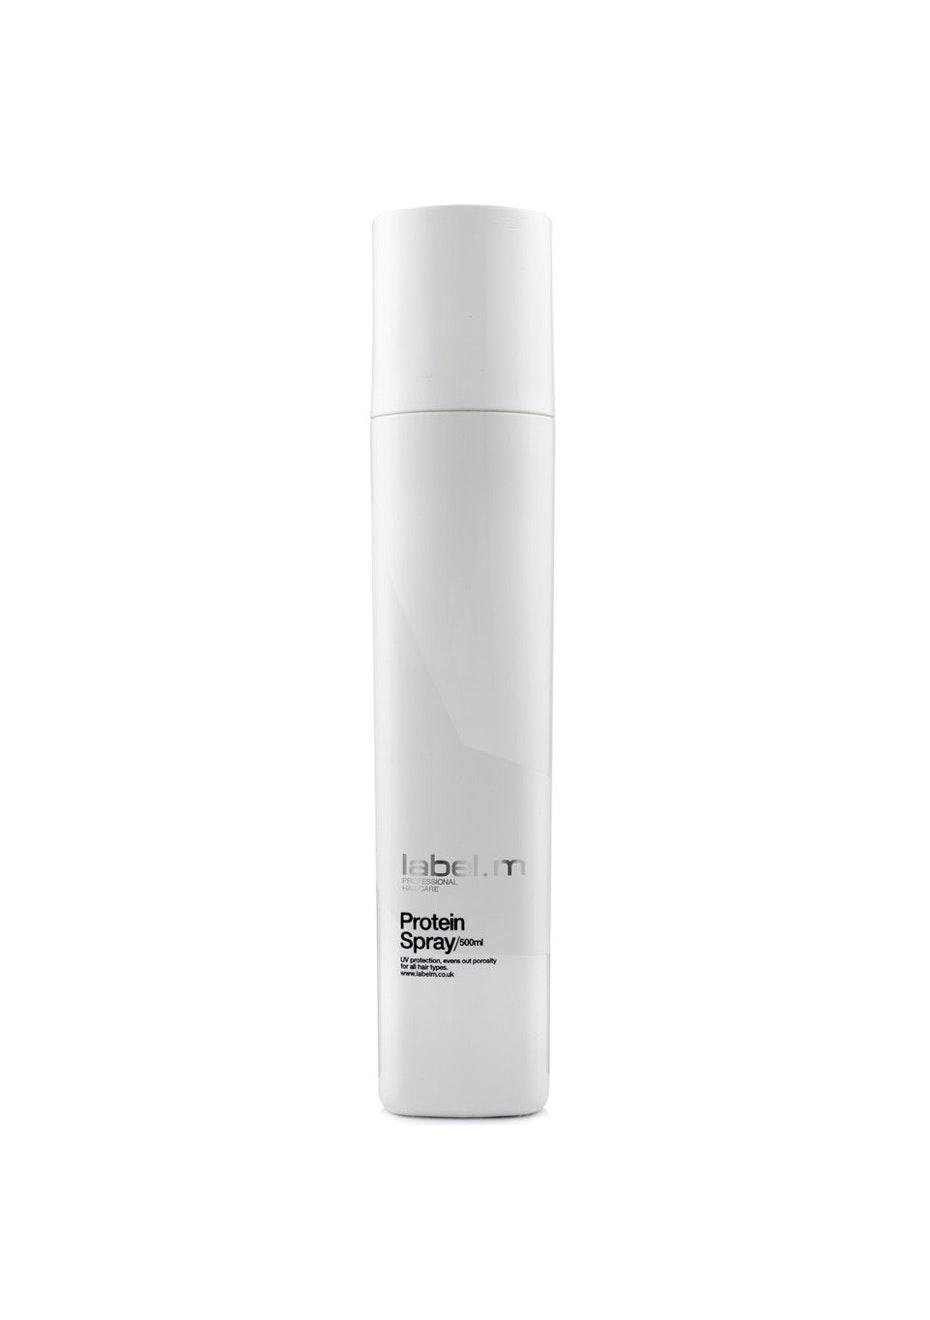 Label M - Protein Spray 500ML